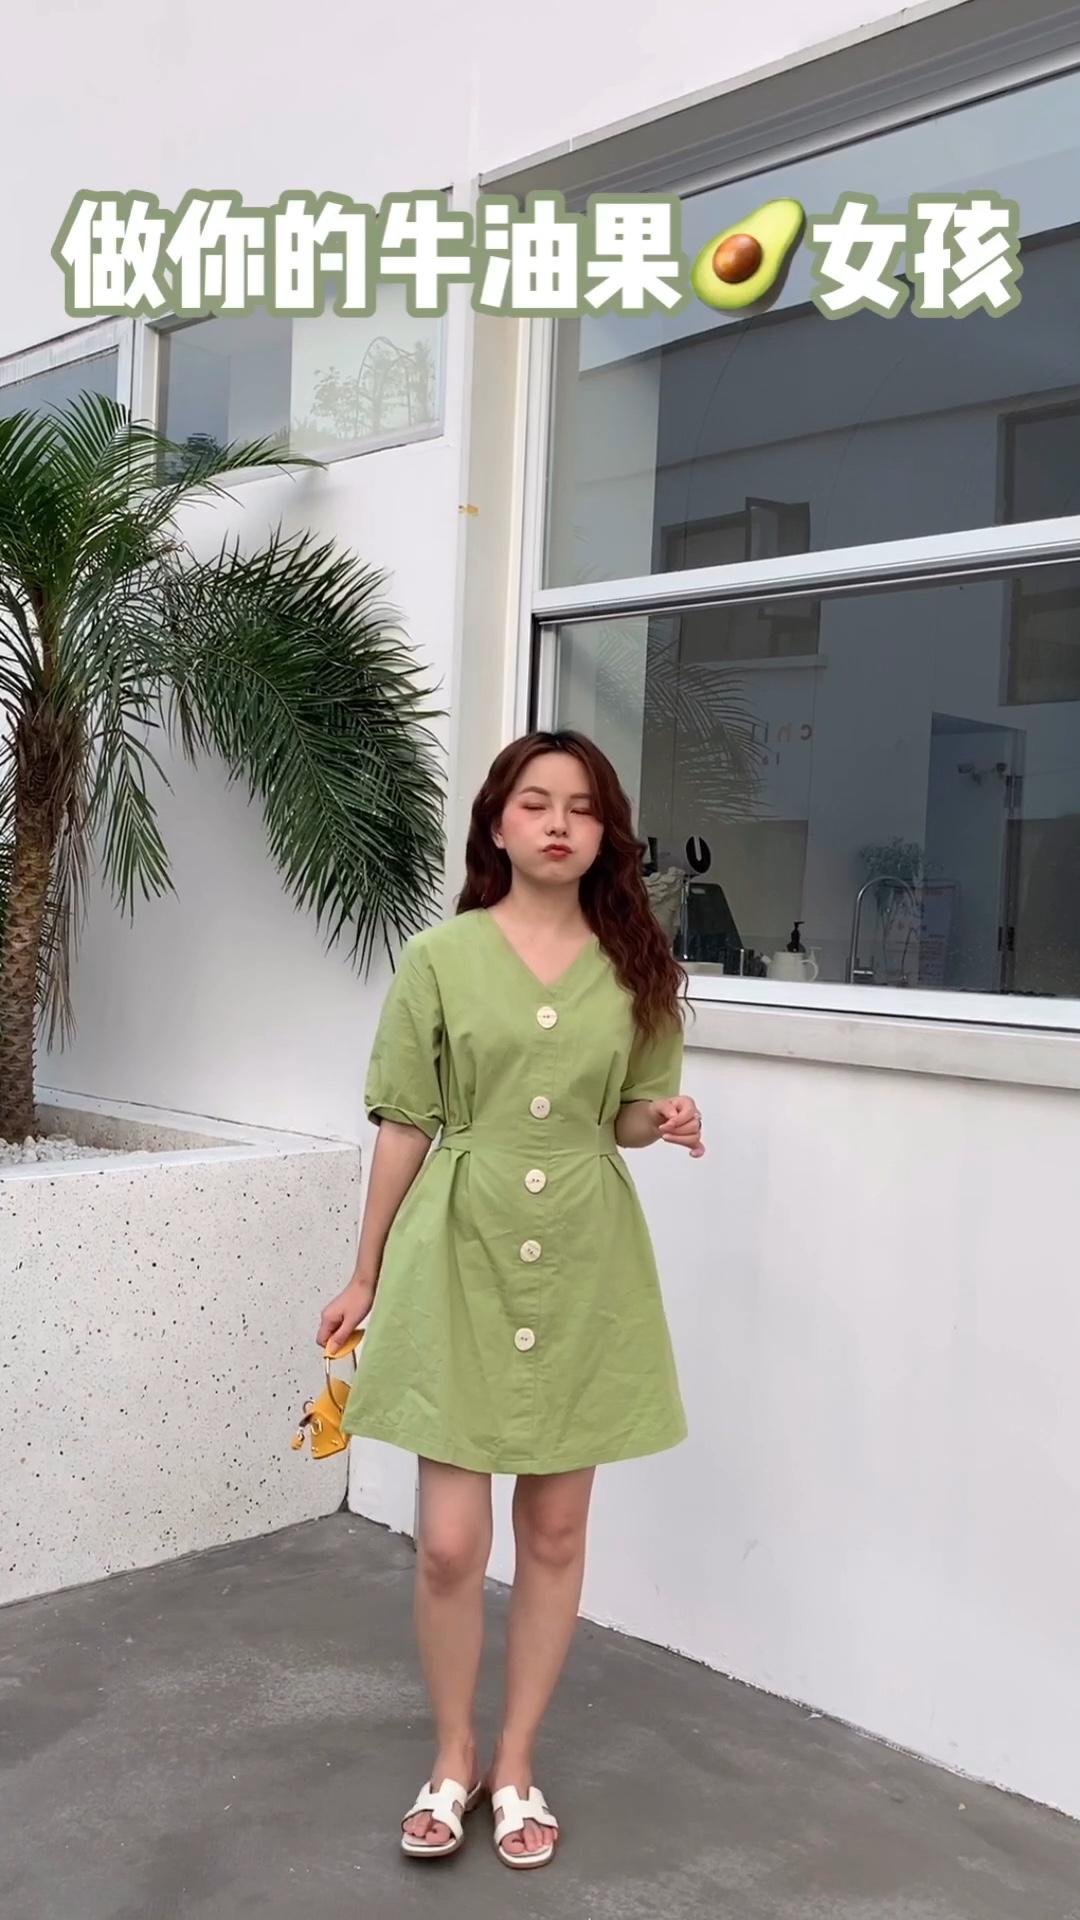 #上车!升温前赶上这趟清凉安利# 这款绿色连衣裙 腰带刚好可以修饰我们的身材 很适合小个子的一款哦 一起变美✌️